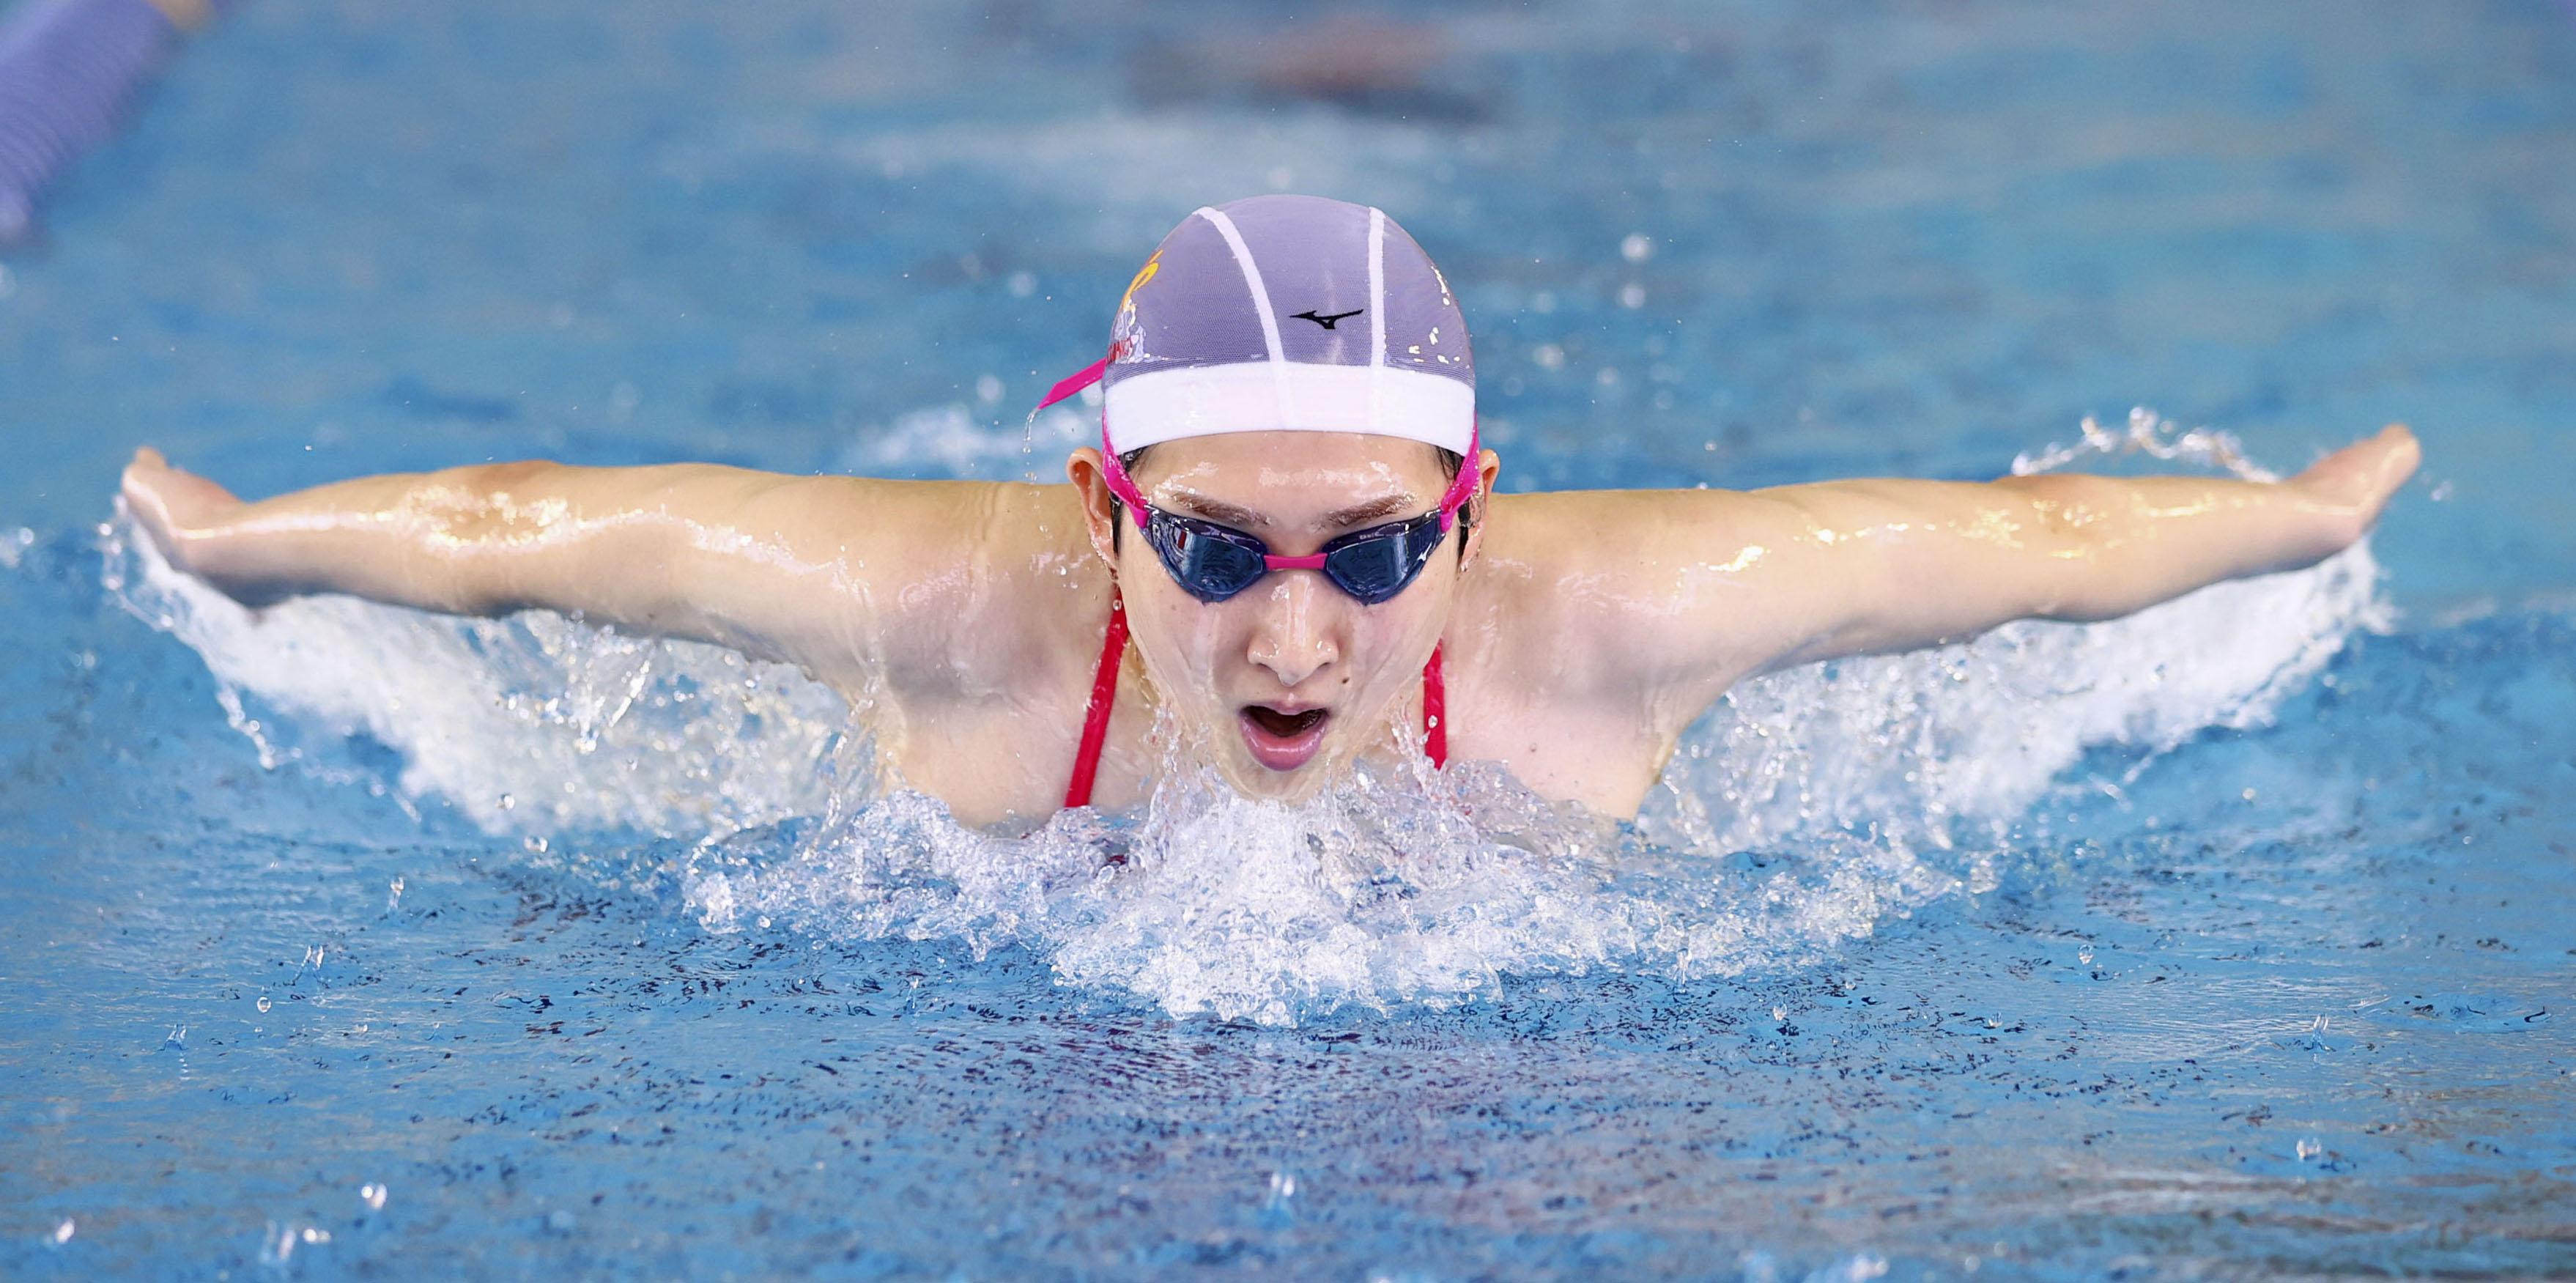 競泳の池江、10月実戦が目標 学生選手権へ「練習励む」